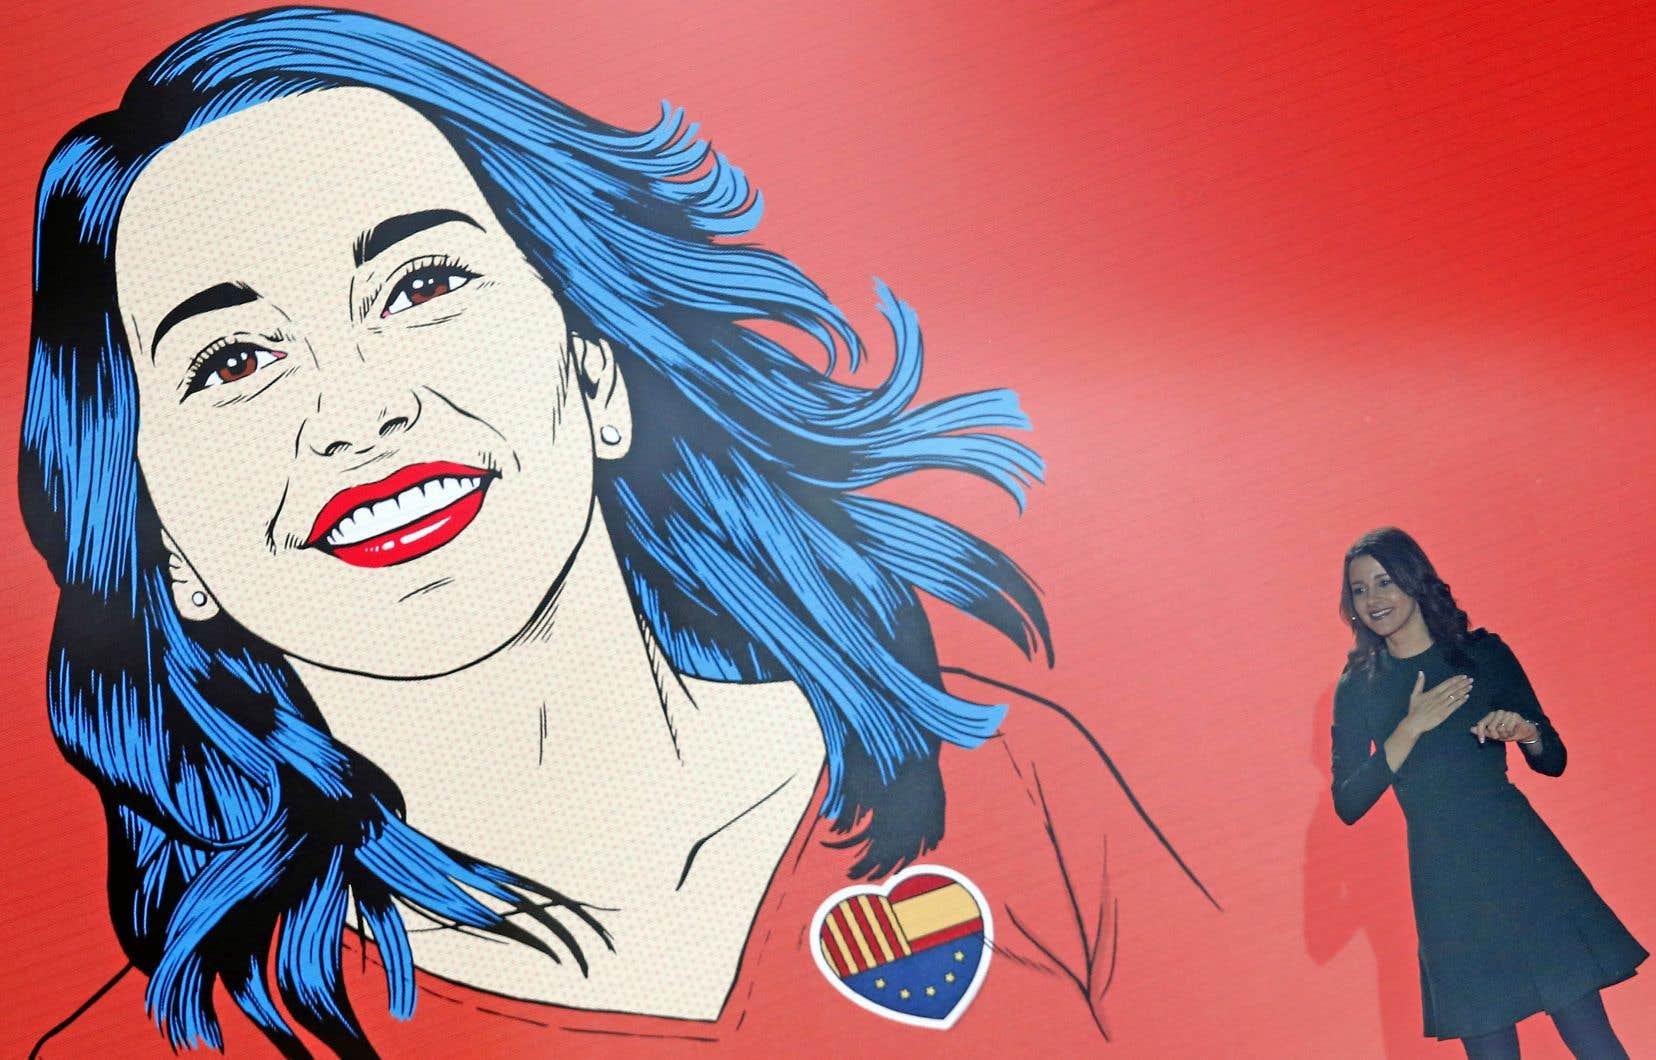 Inés Arrimadas, qui dirige le parti Ciutadans, milite pour l'abolition de l'enseignement en catalan seulement.